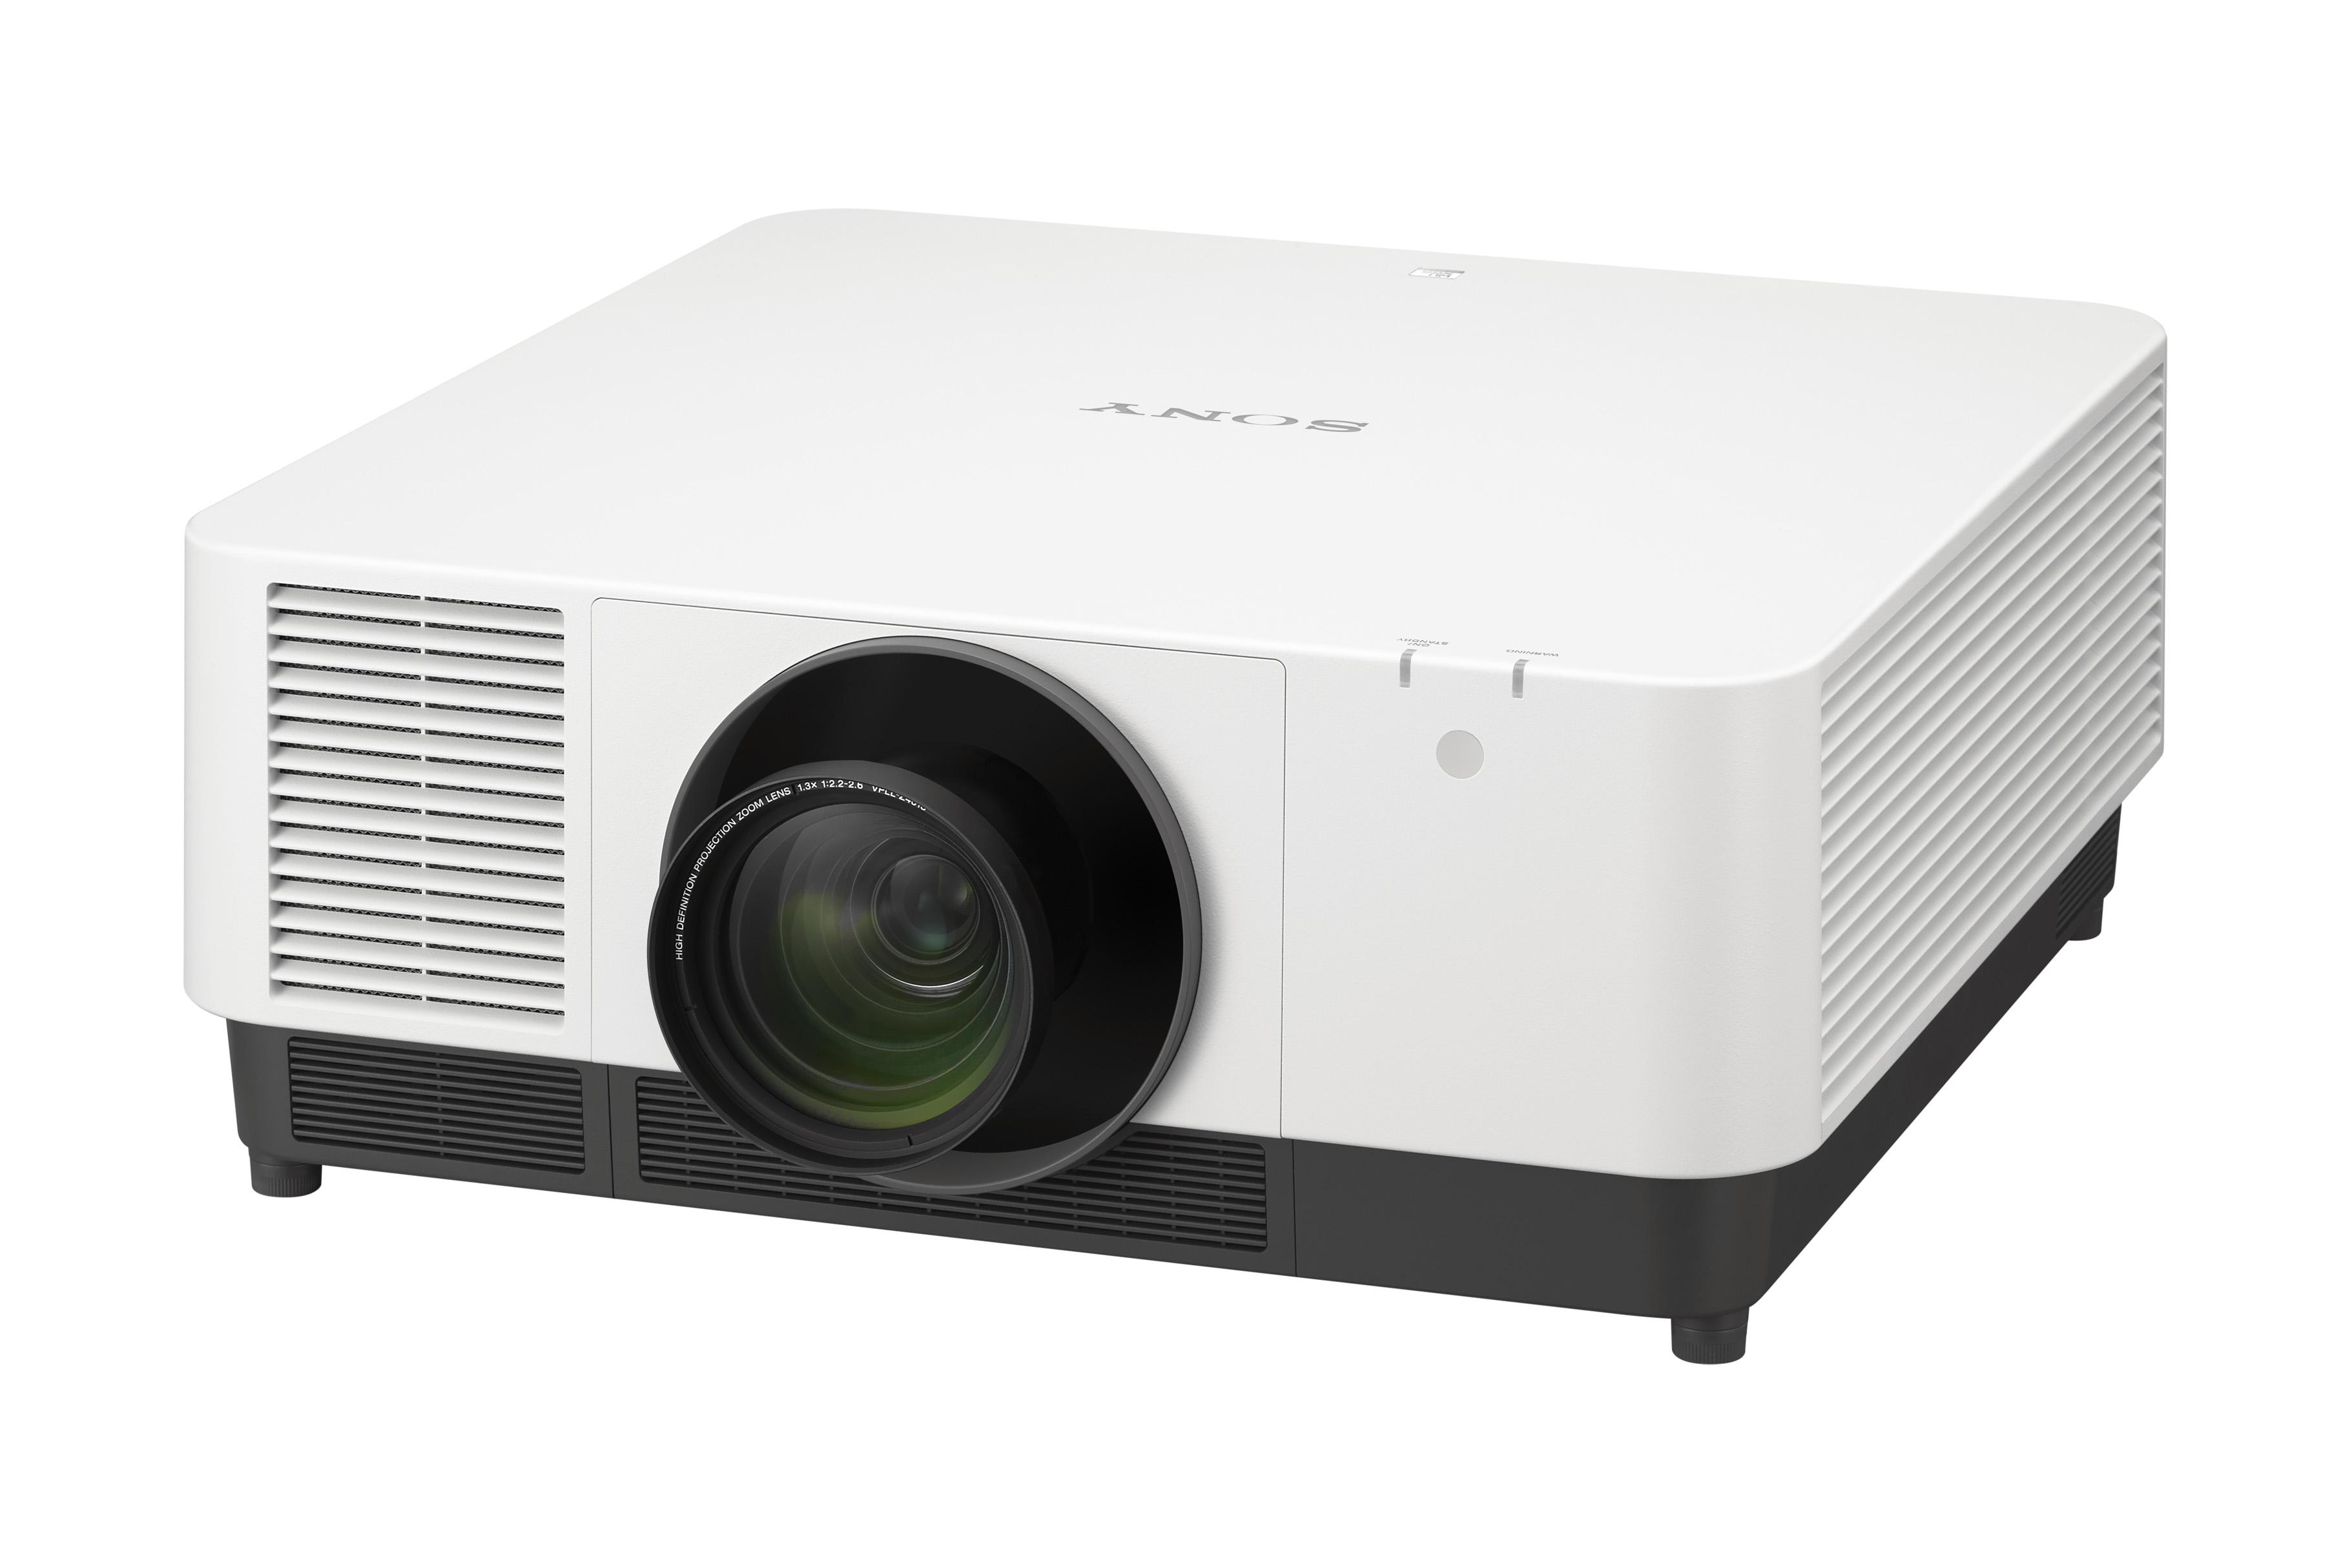 Sony VPL-FHZ120L/W 9000lm WUXGA Laser Projector (White)